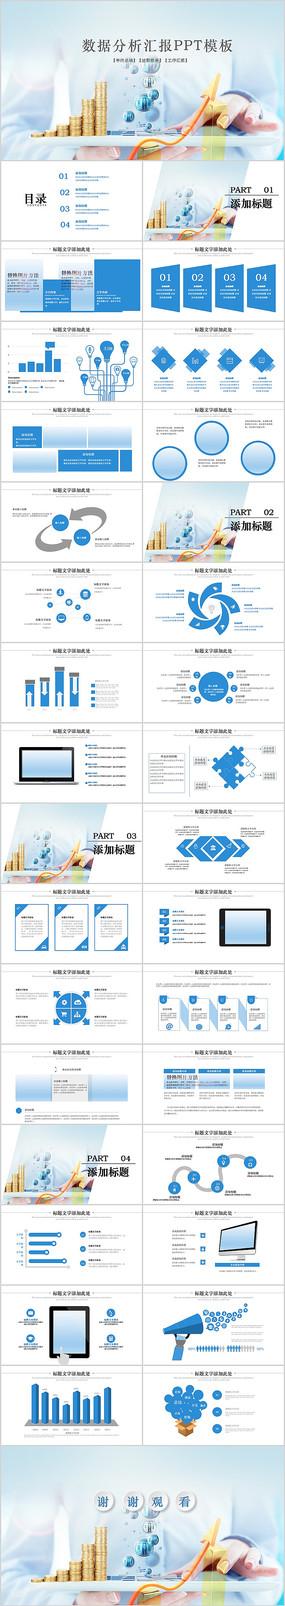 蓝色大气企业财务数据统计分析报告PPT